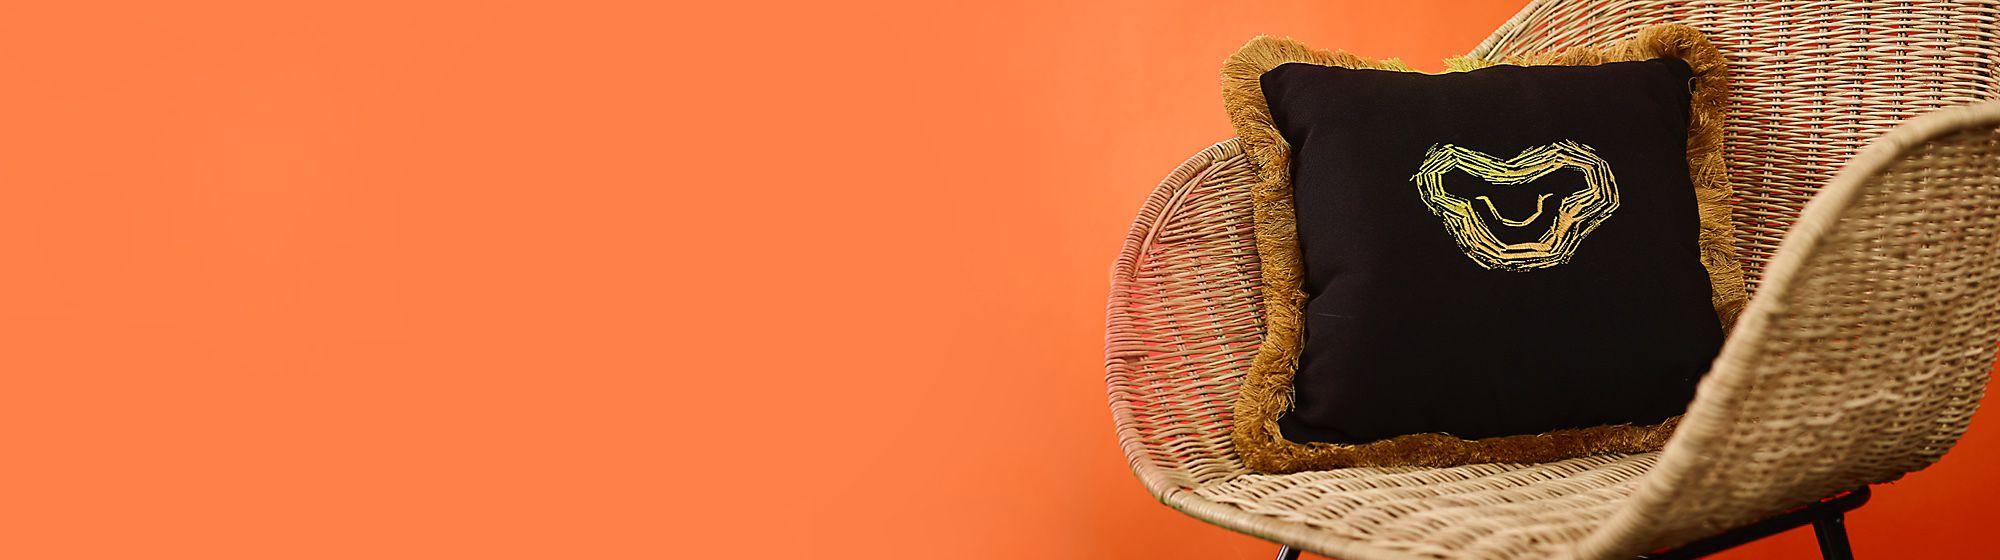 Textil Hogar Ahora podrás comprar textiles muy originales para casa con tus personajes favoritos. Decora tu hogar de manera fácil y sencilla.